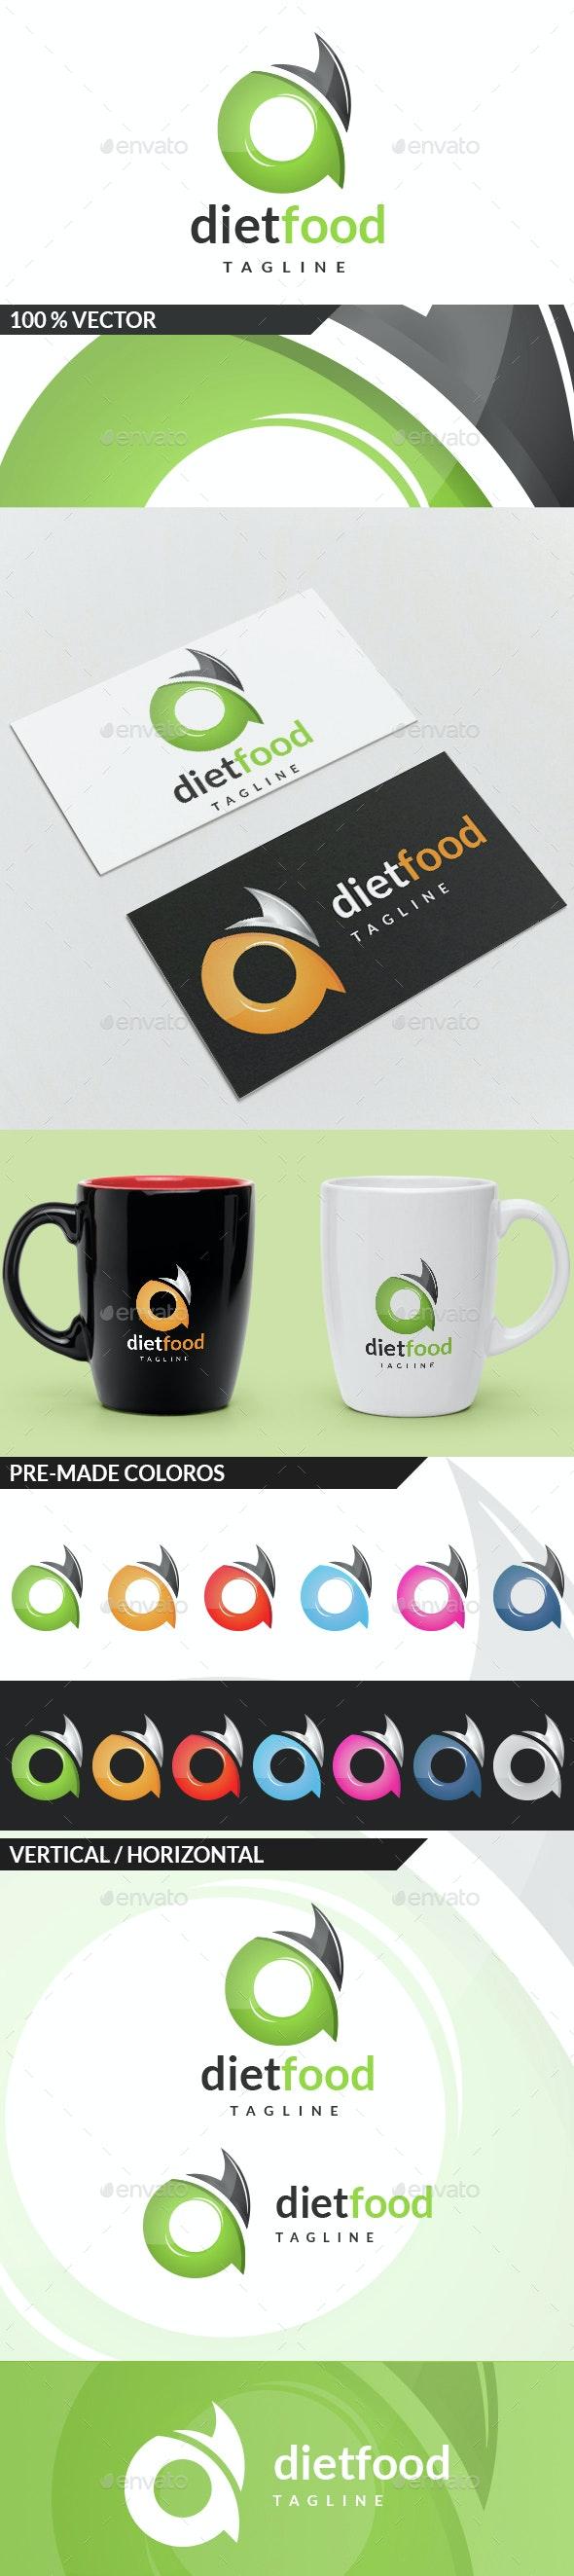 Diet Food - Letter D Logo - Letters Logo Templates